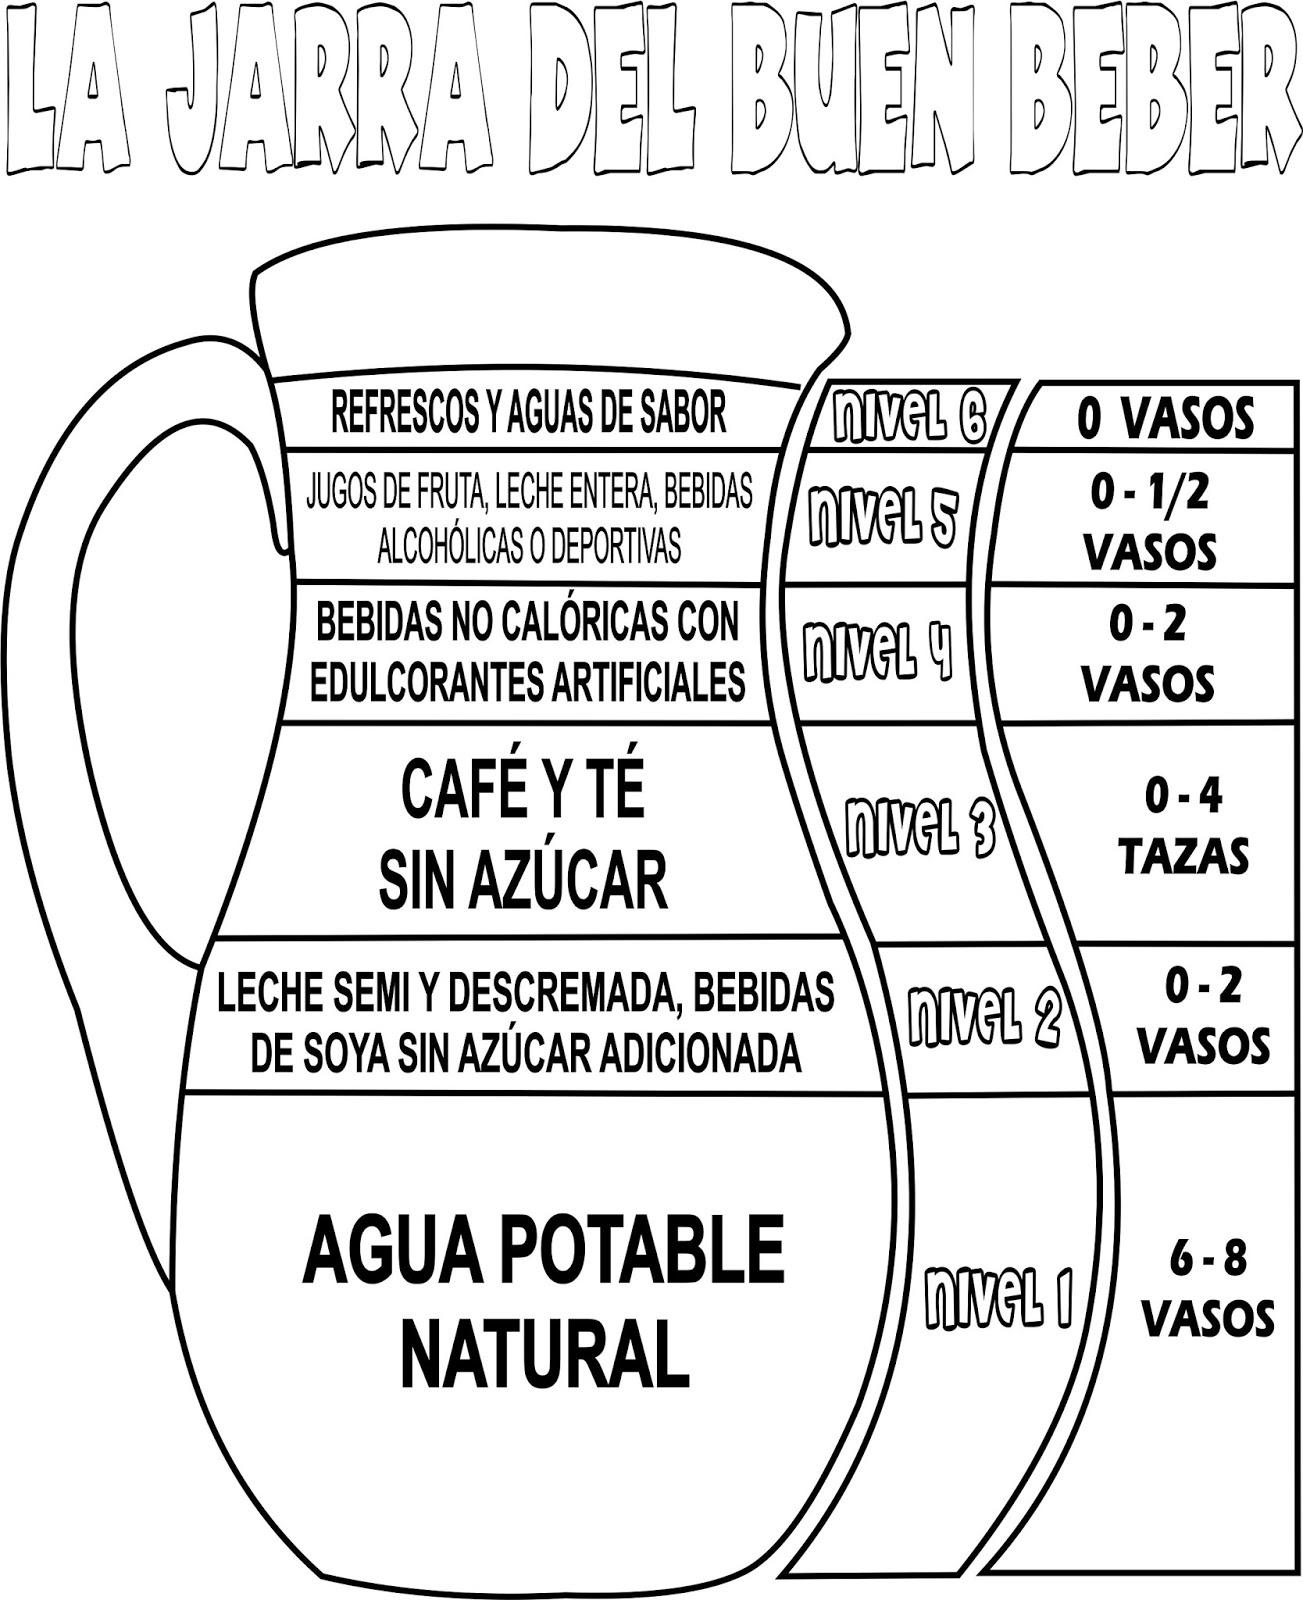 Dibujos Del Plato Del Buen Comer Yla Jarra Del Buen Beber Para ...